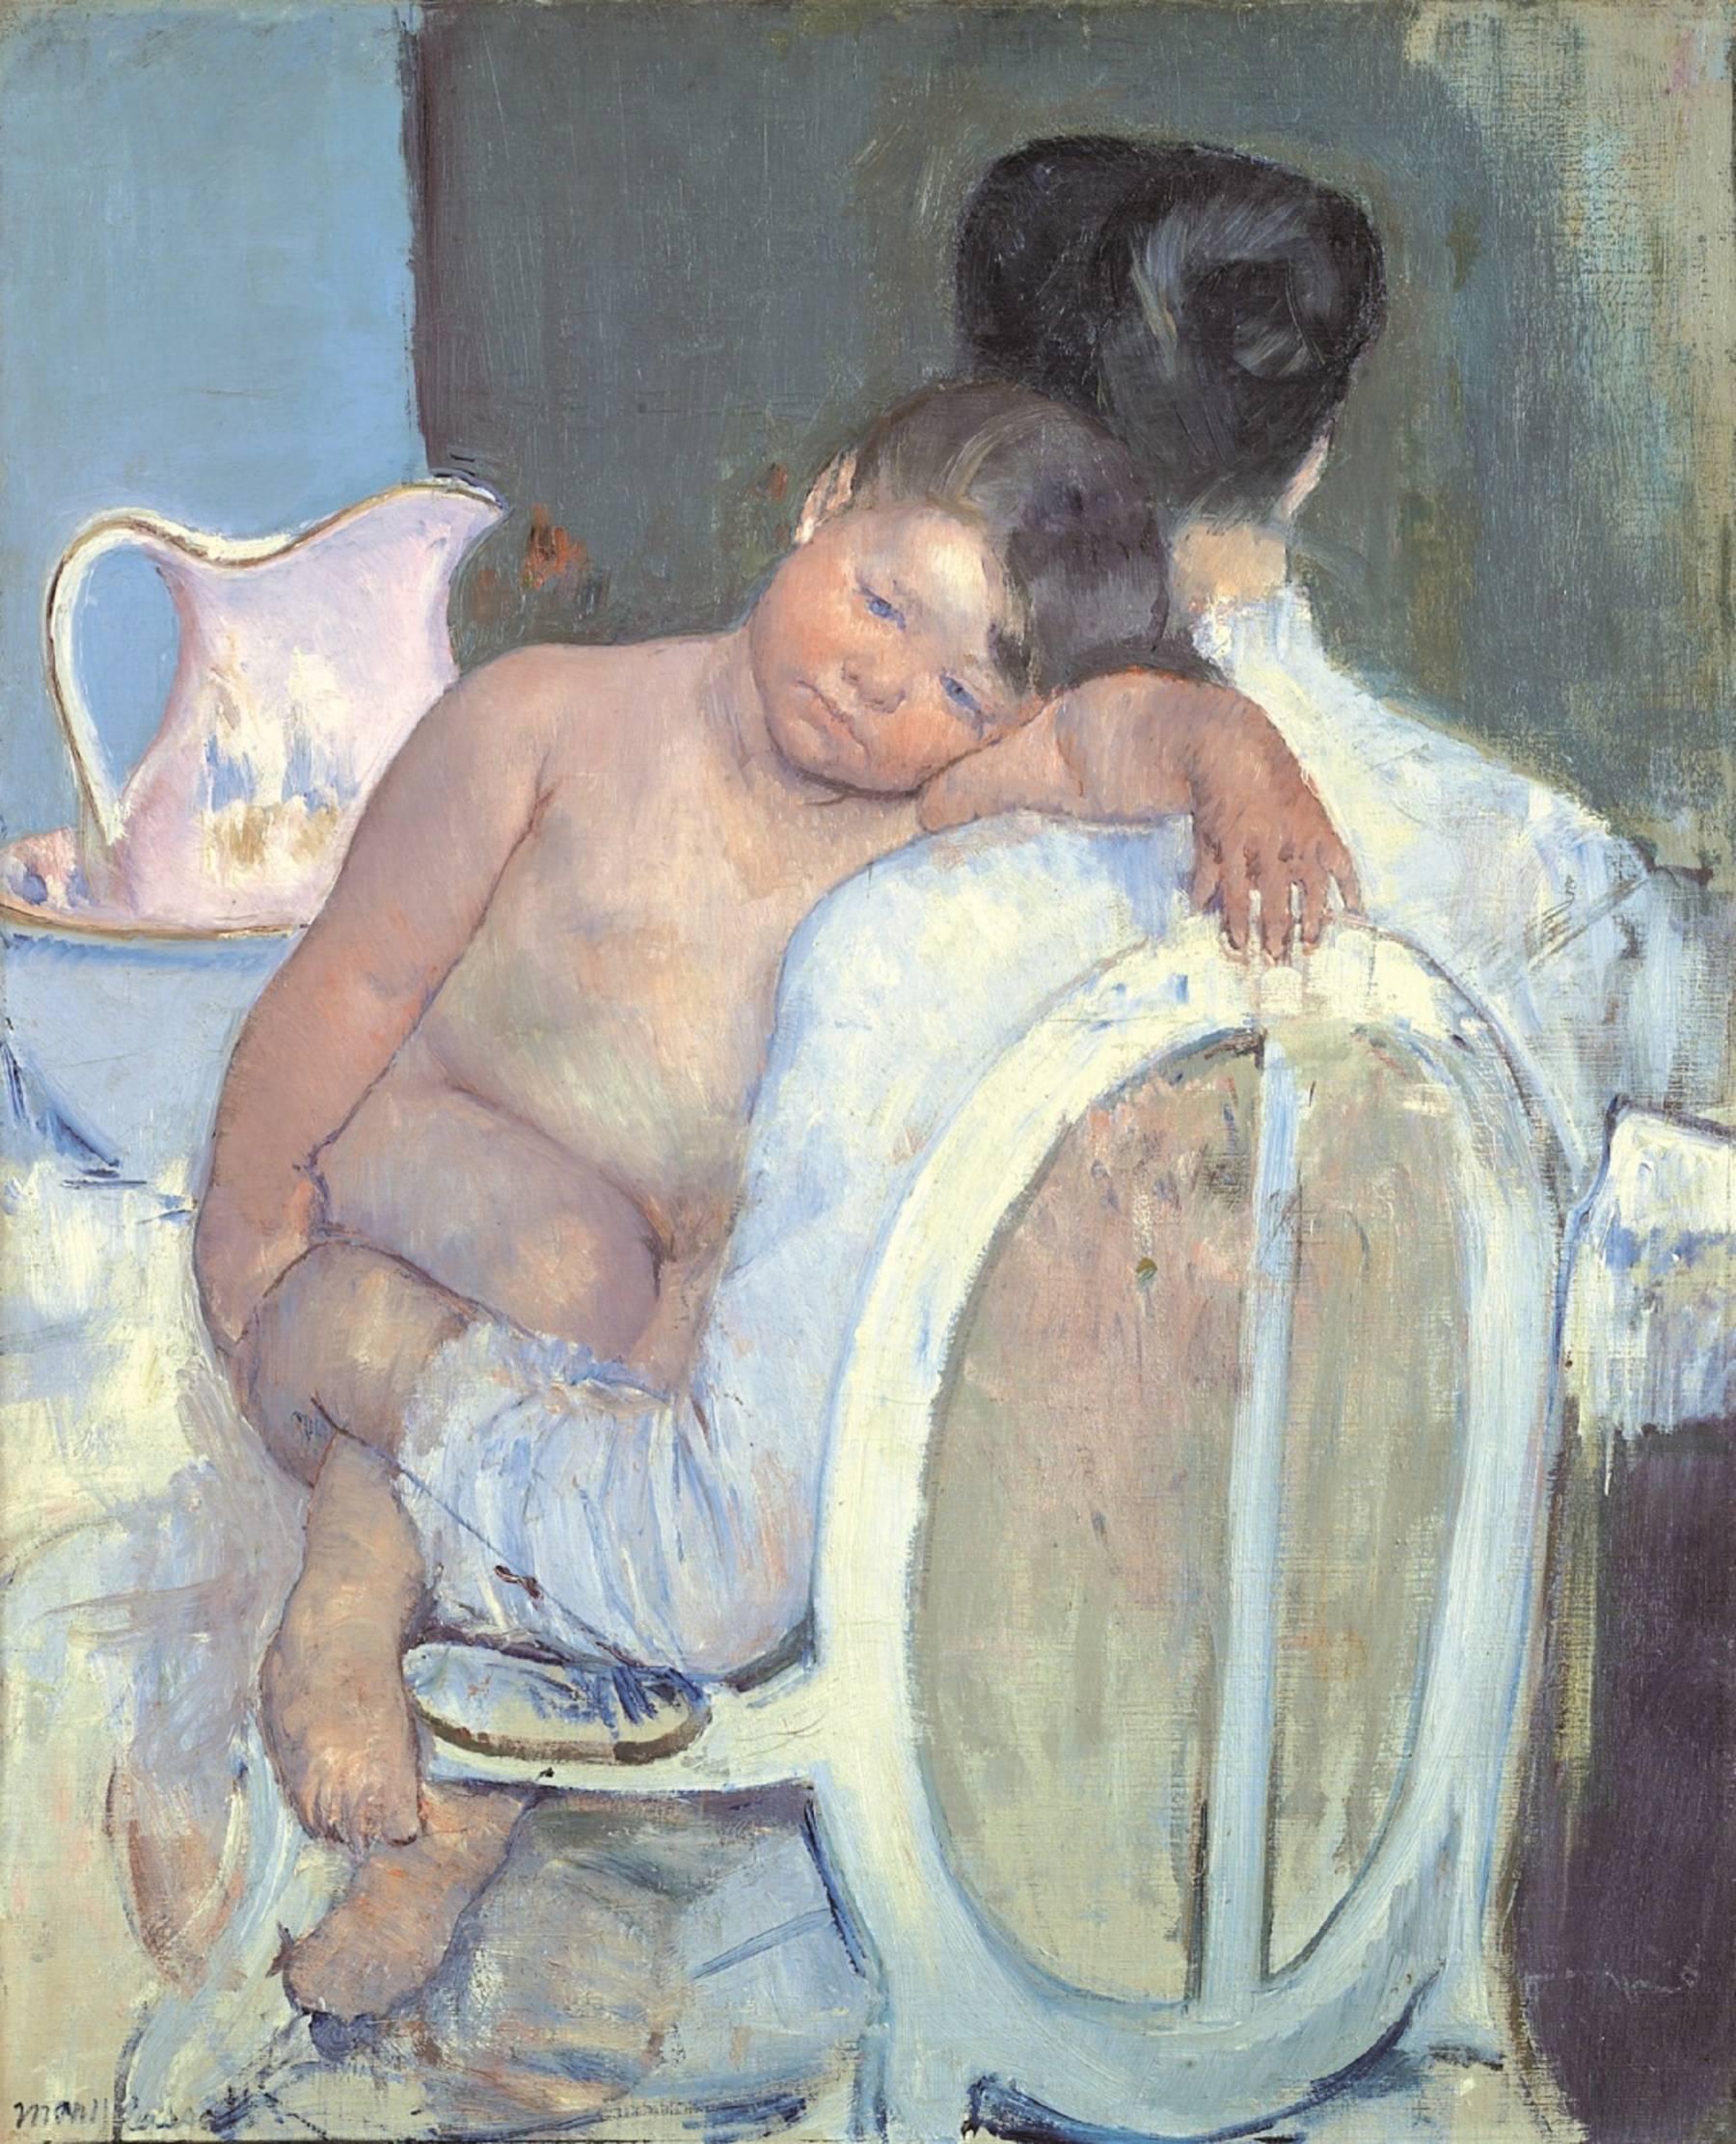 Mary Cassatt, Femme assise avec un enfant dans les bras